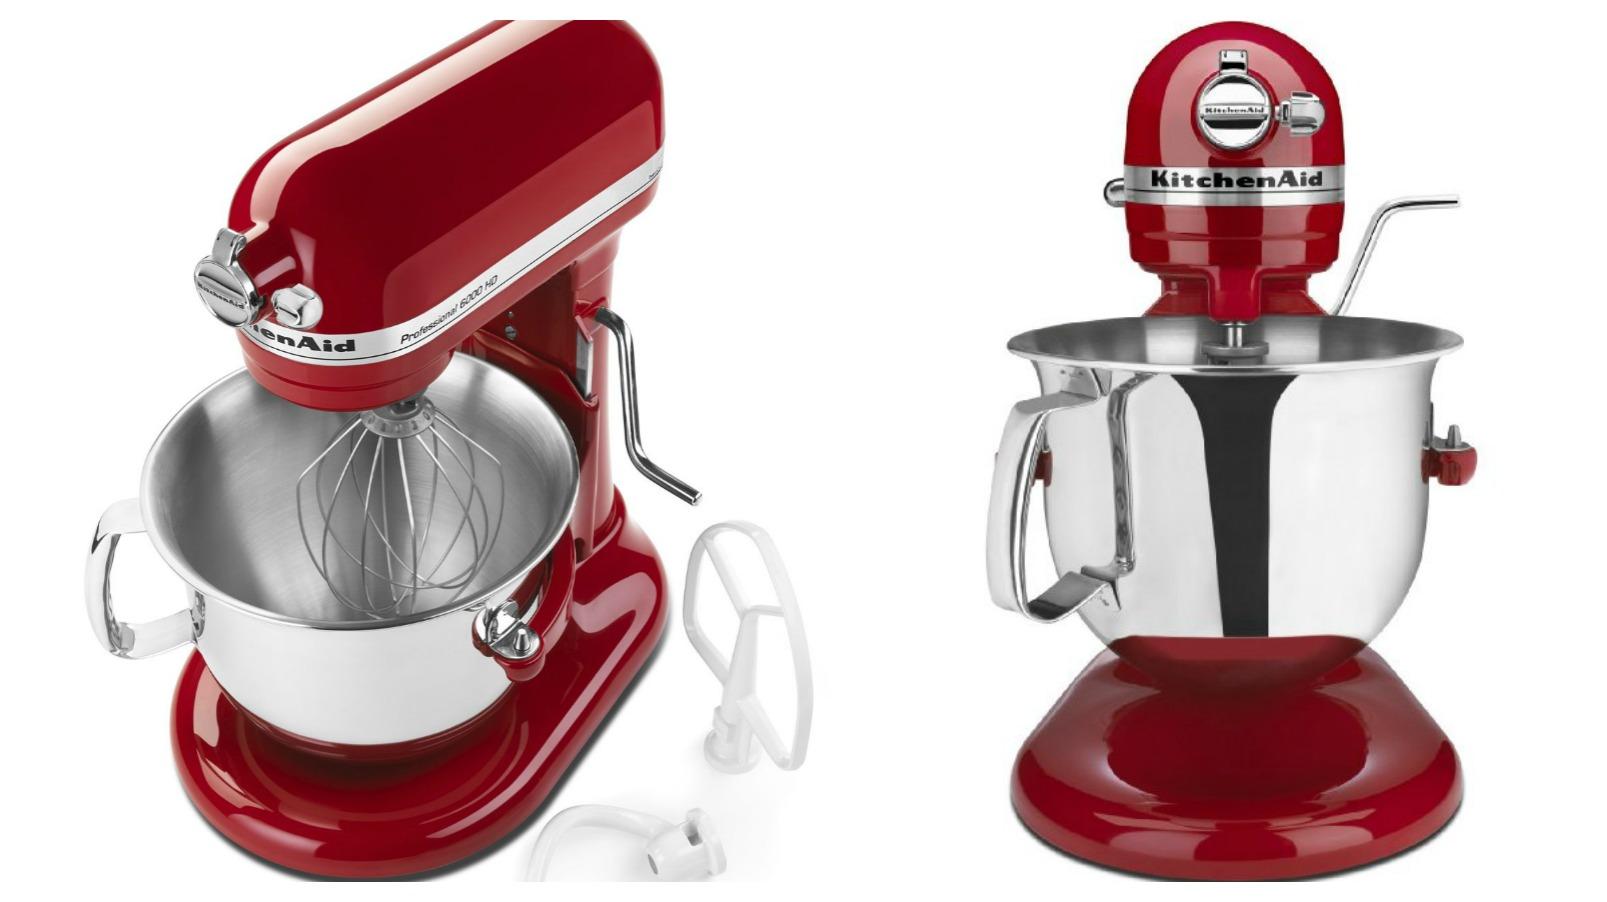 kitchenaid professional stand mixer 6qt